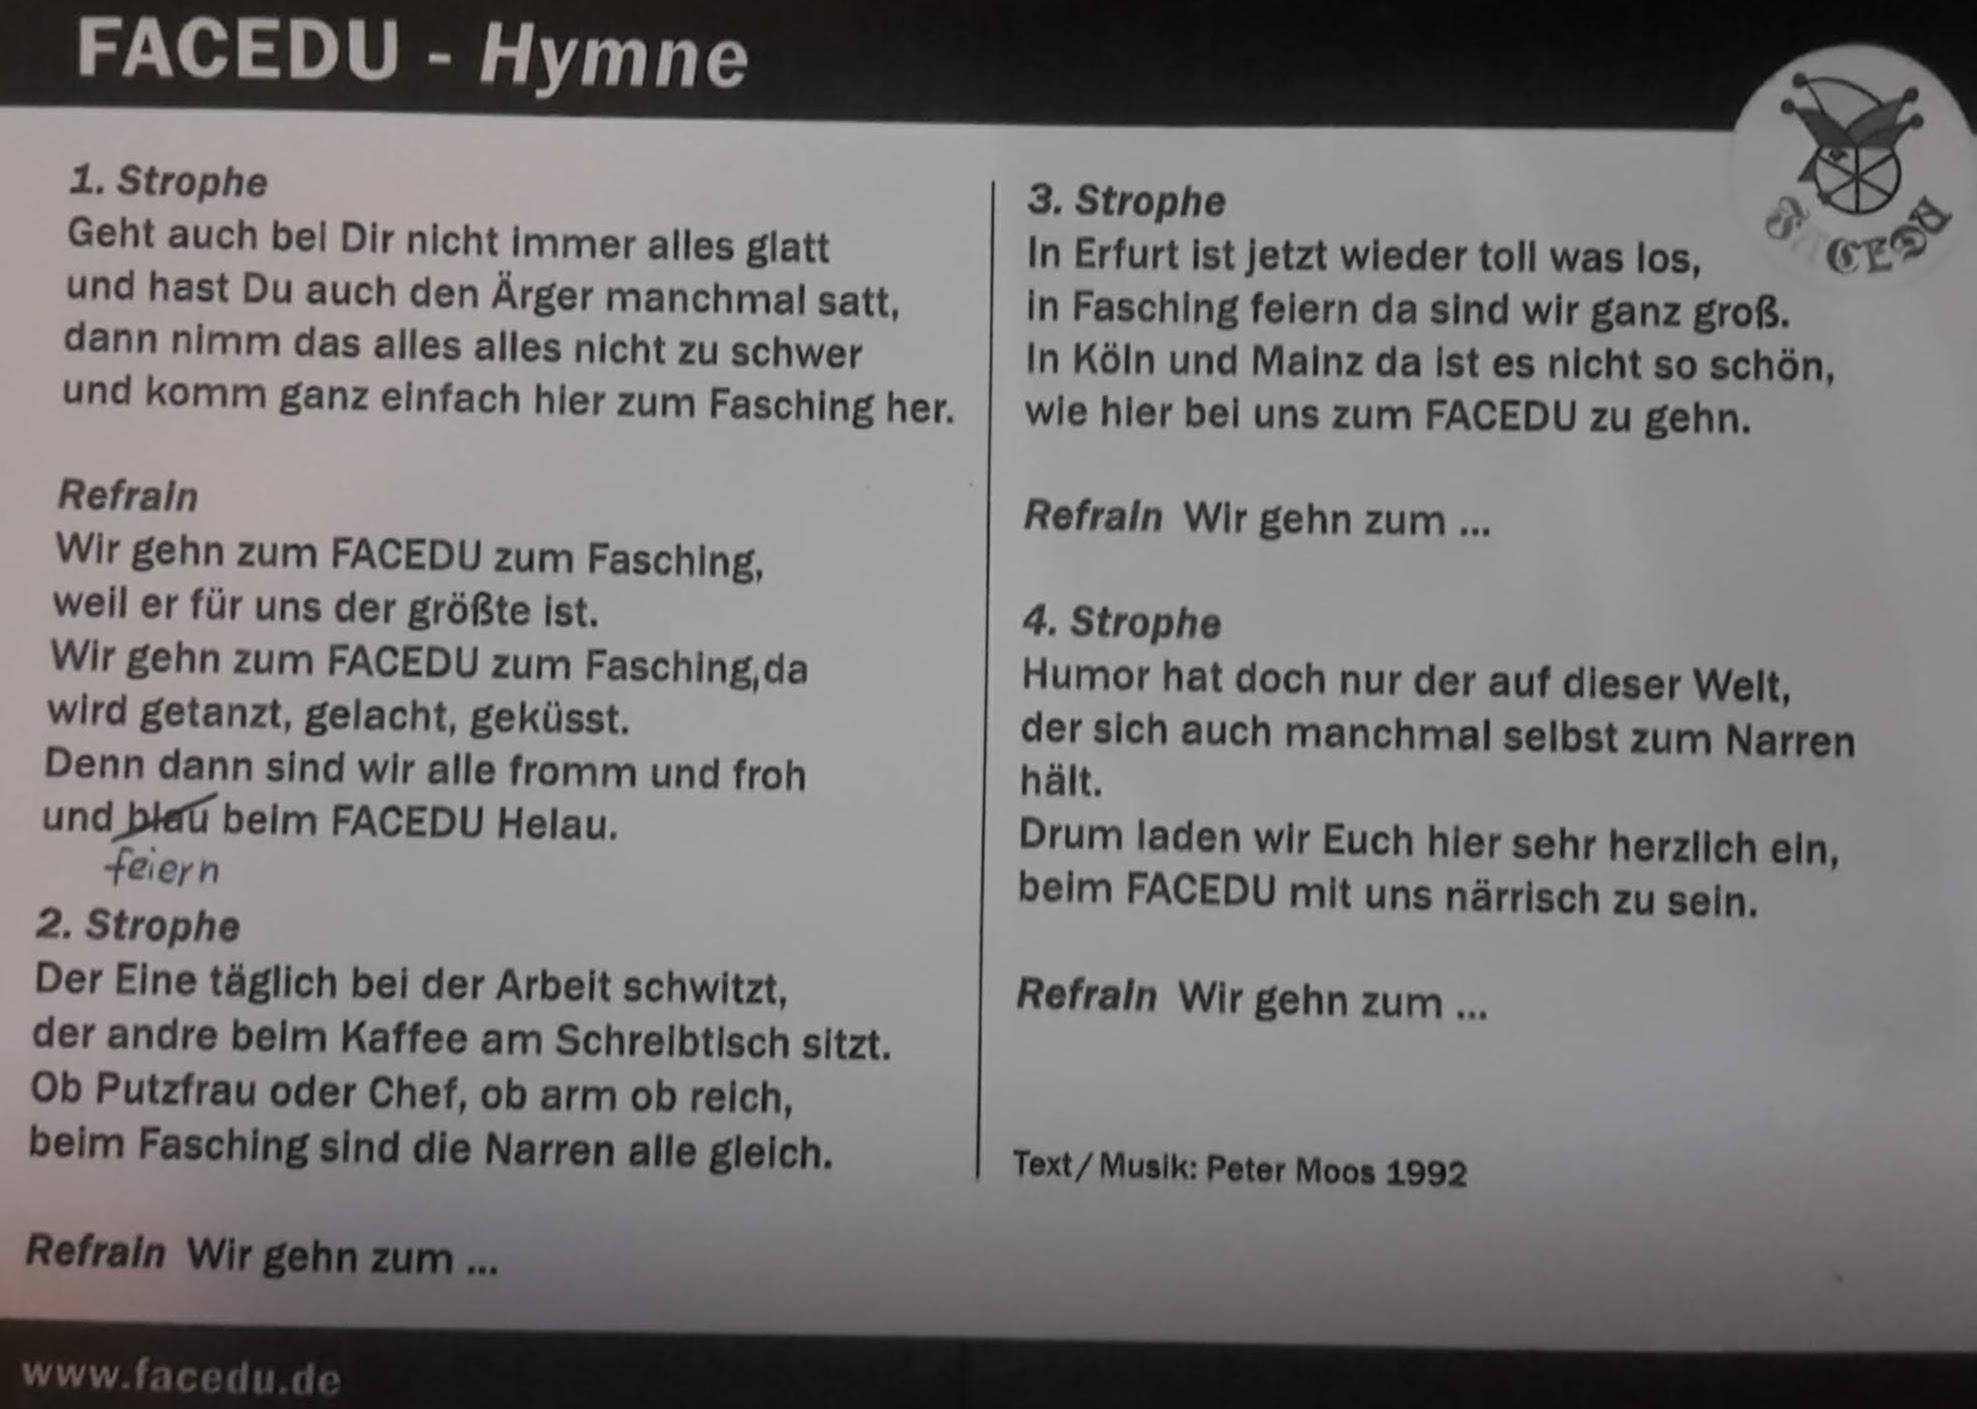 2018.11.17 _ 04 FaCeDu SessionsEröffnung 2018_19 Hymne